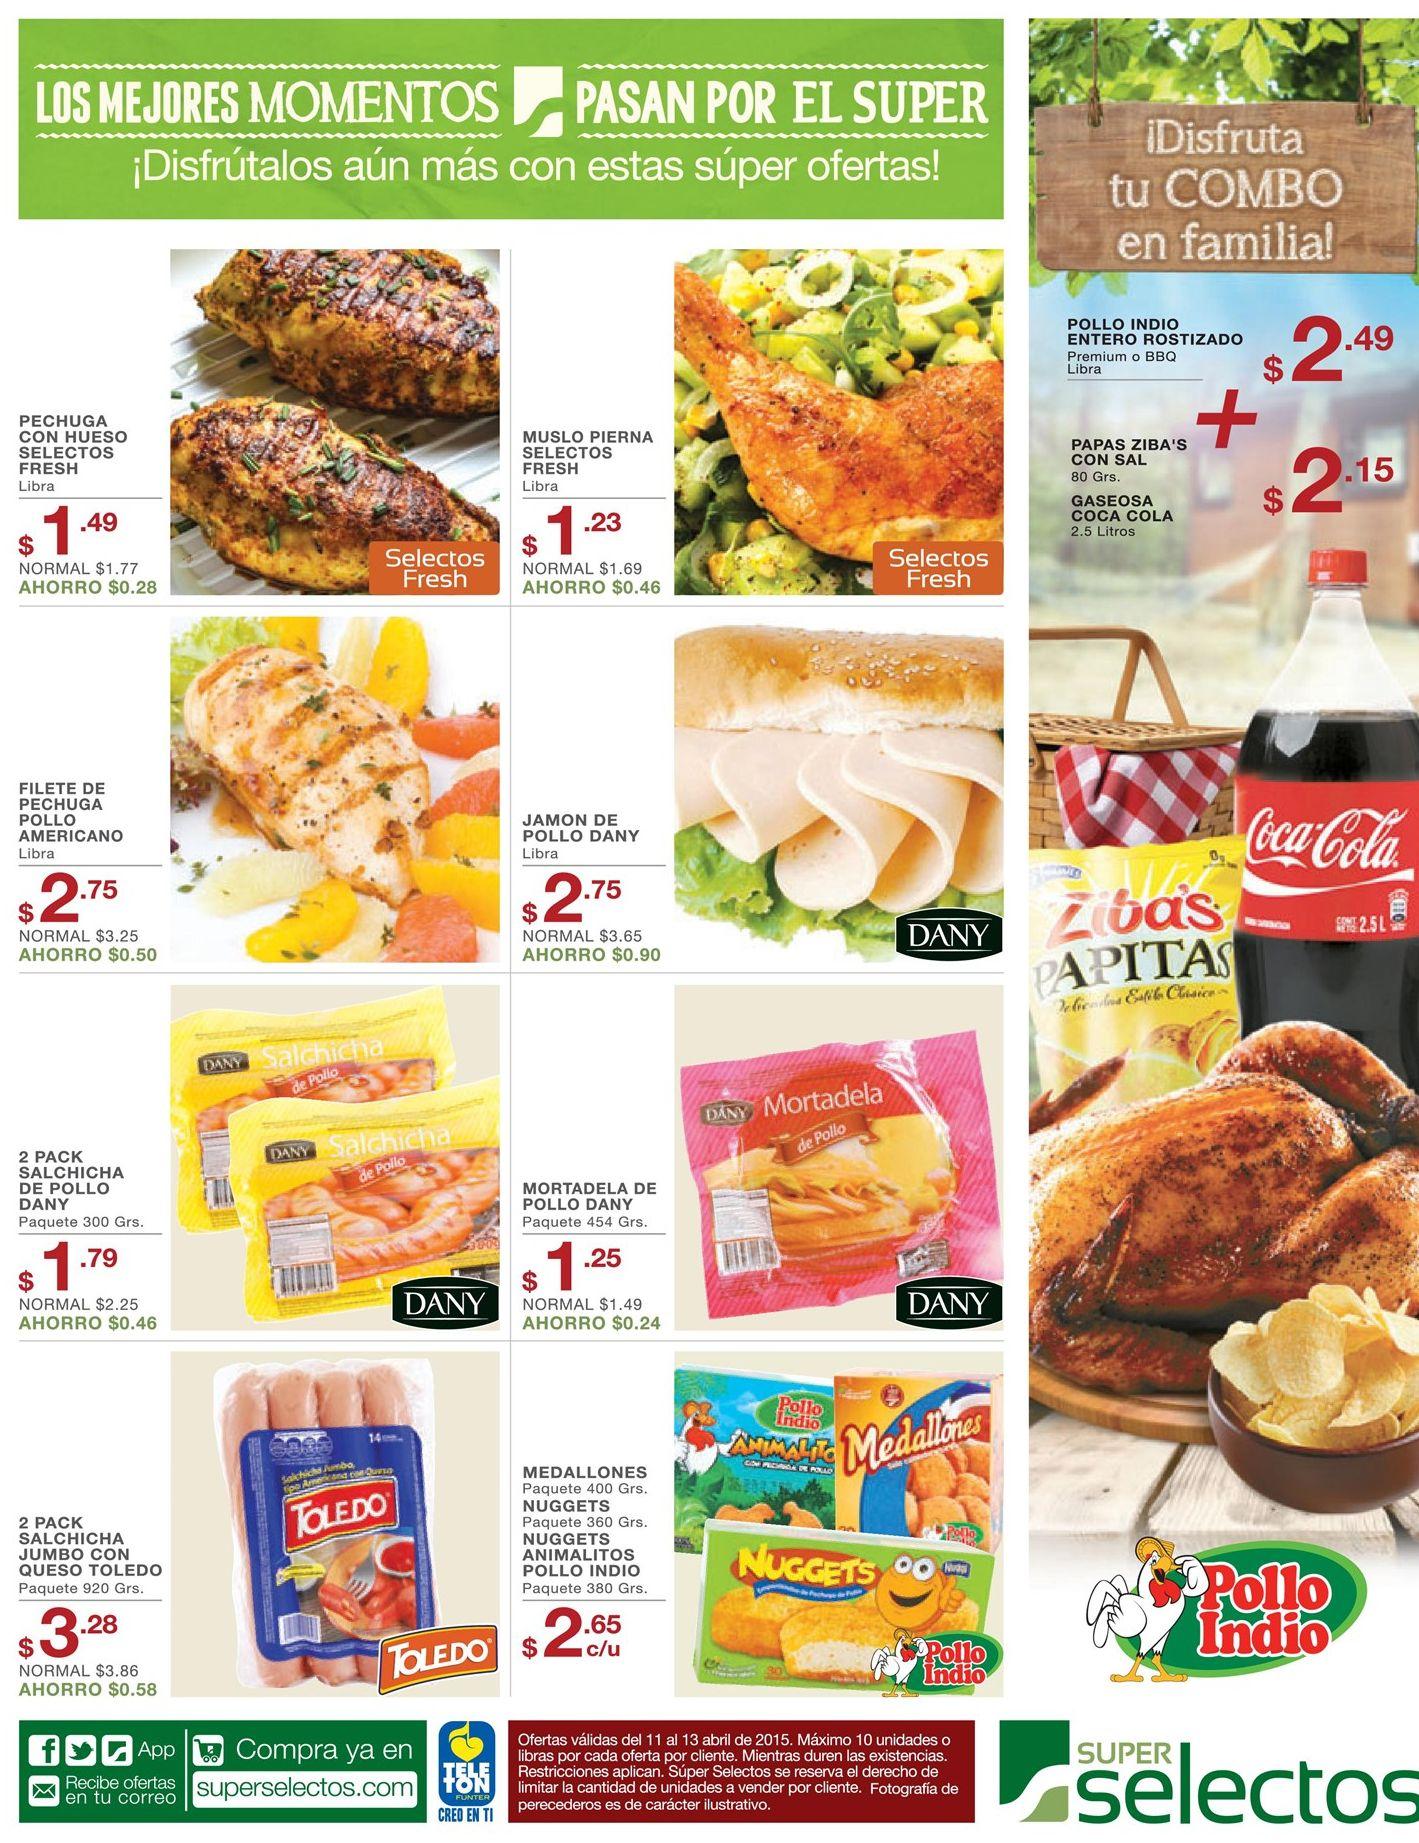 Pollo rostizado para almorzar en familia este fin de semana - 11abr15